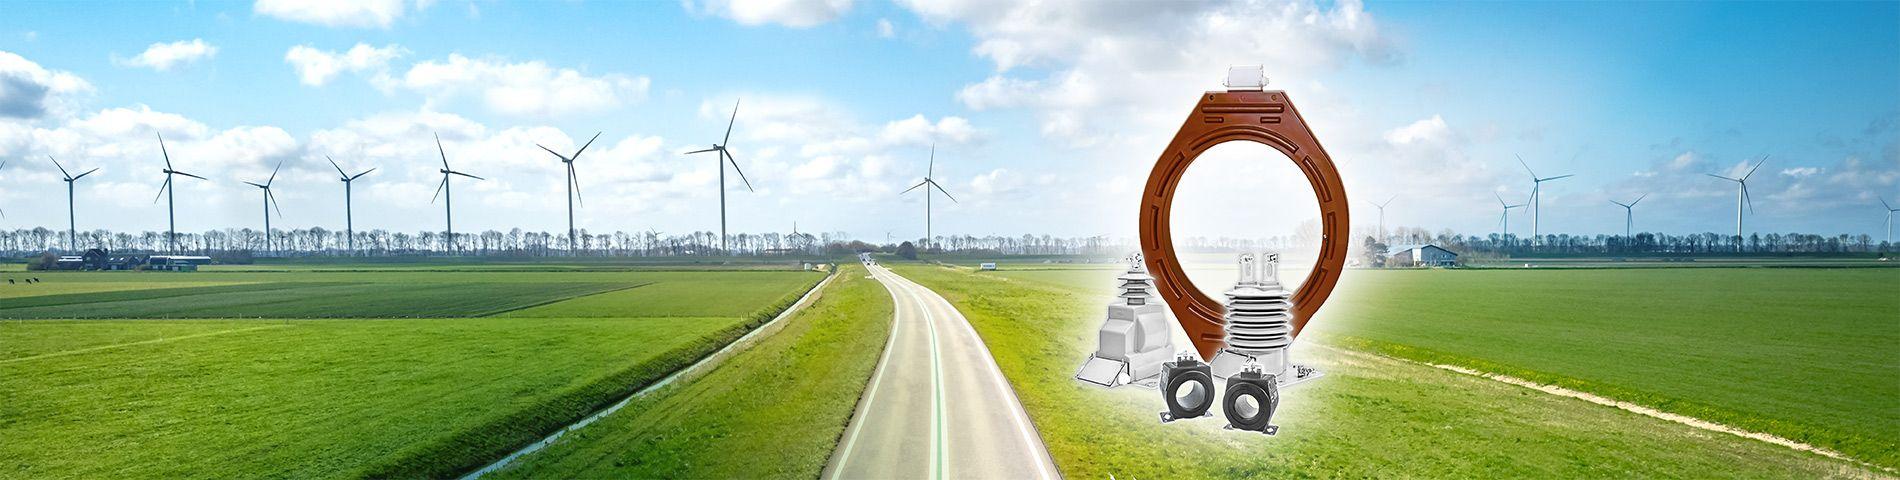 德國先進技術轉移 專業比流器 比壓器製造 國際認證電氣試驗室定型測試